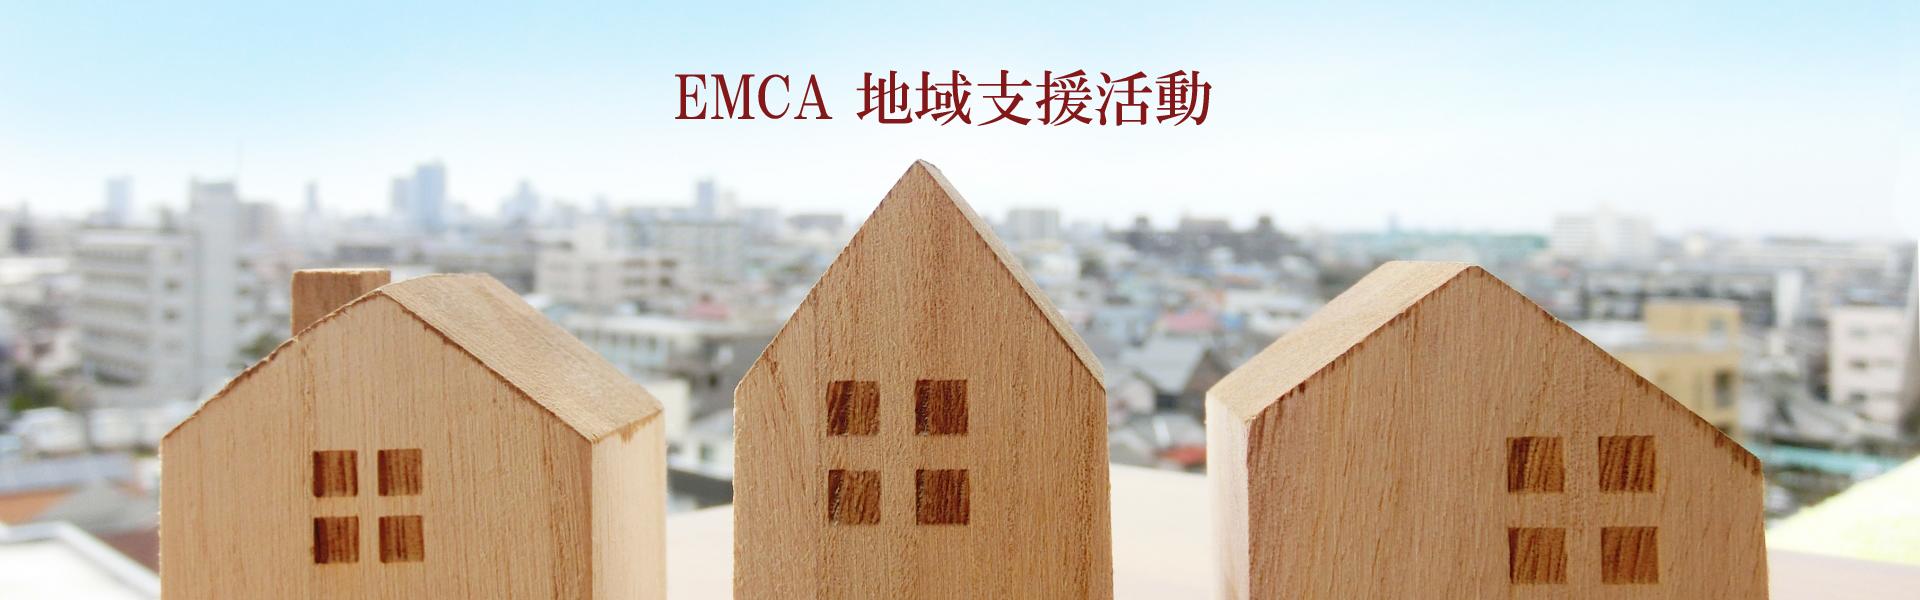 EMCA地域支援活動